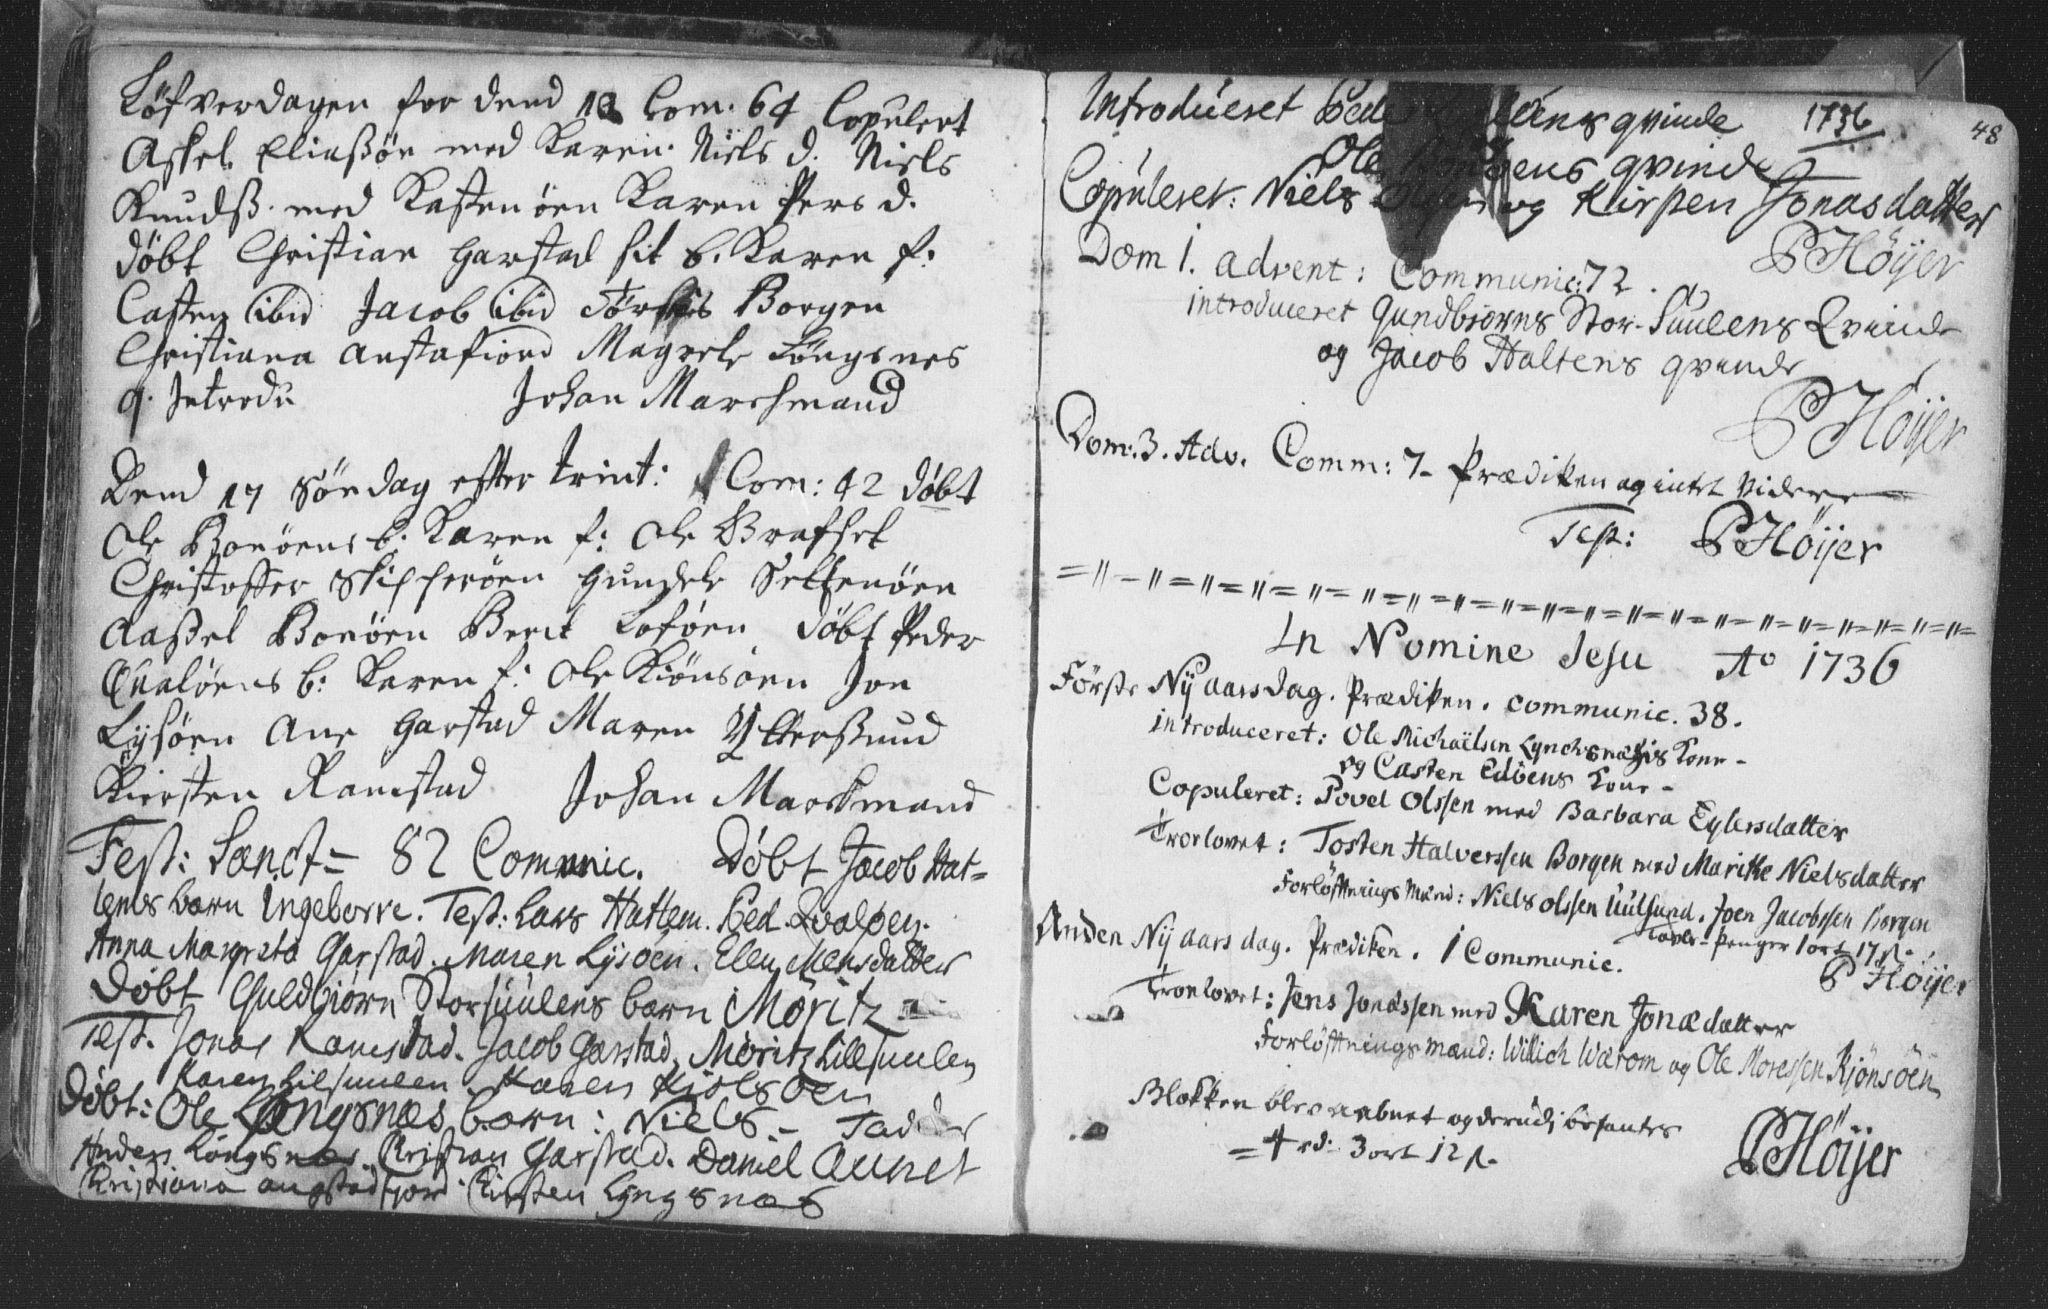 SAT, Ministerialprotokoller, klokkerbøker og fødselsregistre - Nord-Trøndelag, 786/L0685: Ministerialbok nr. 786A01, 1710-1798, s. 48